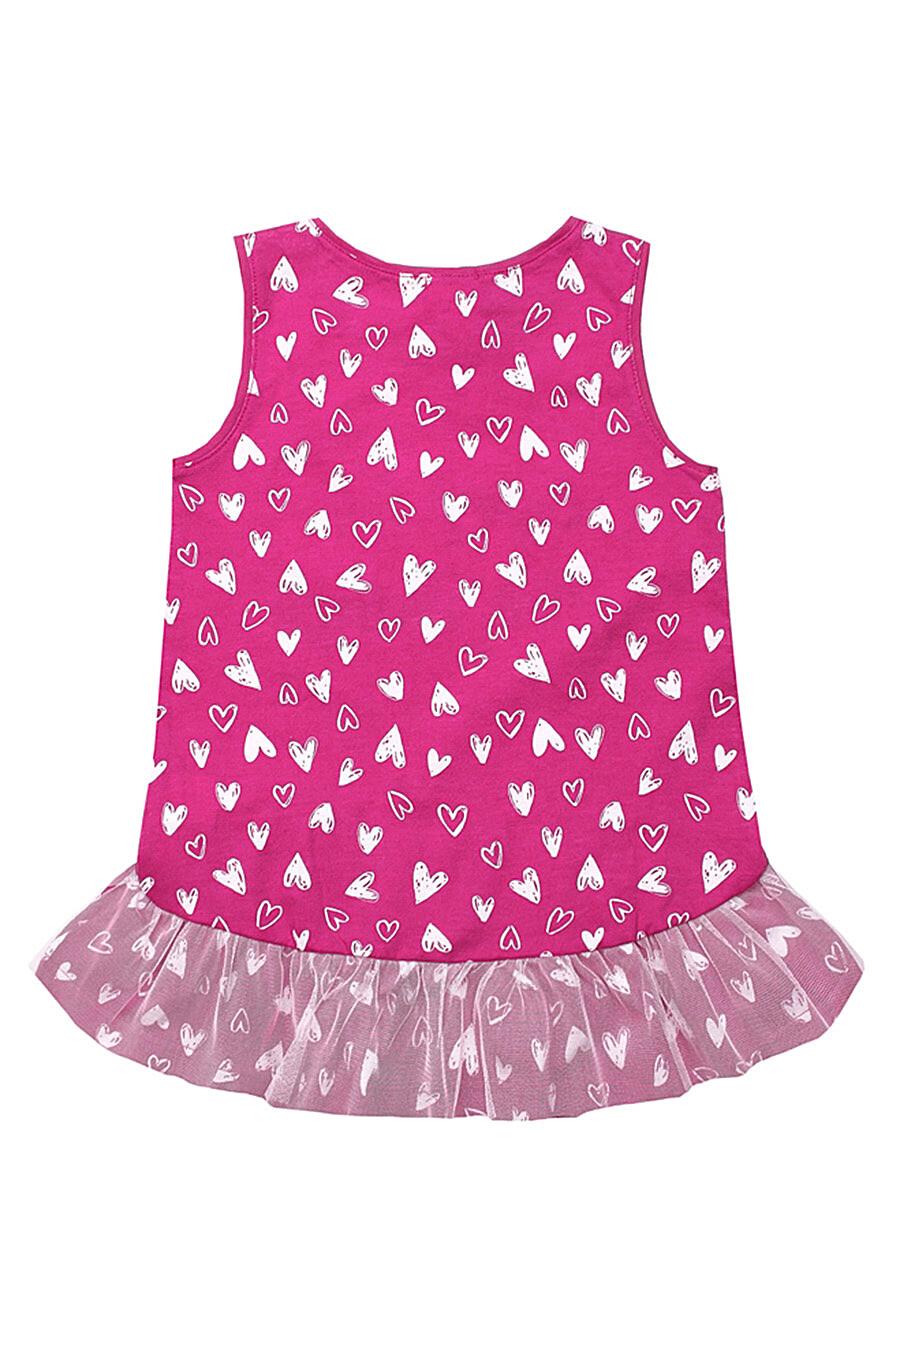 Джемпер для девочек Archi 131436 купить оптом от производителя. Совместная покупка детской одежды в OptMoyo